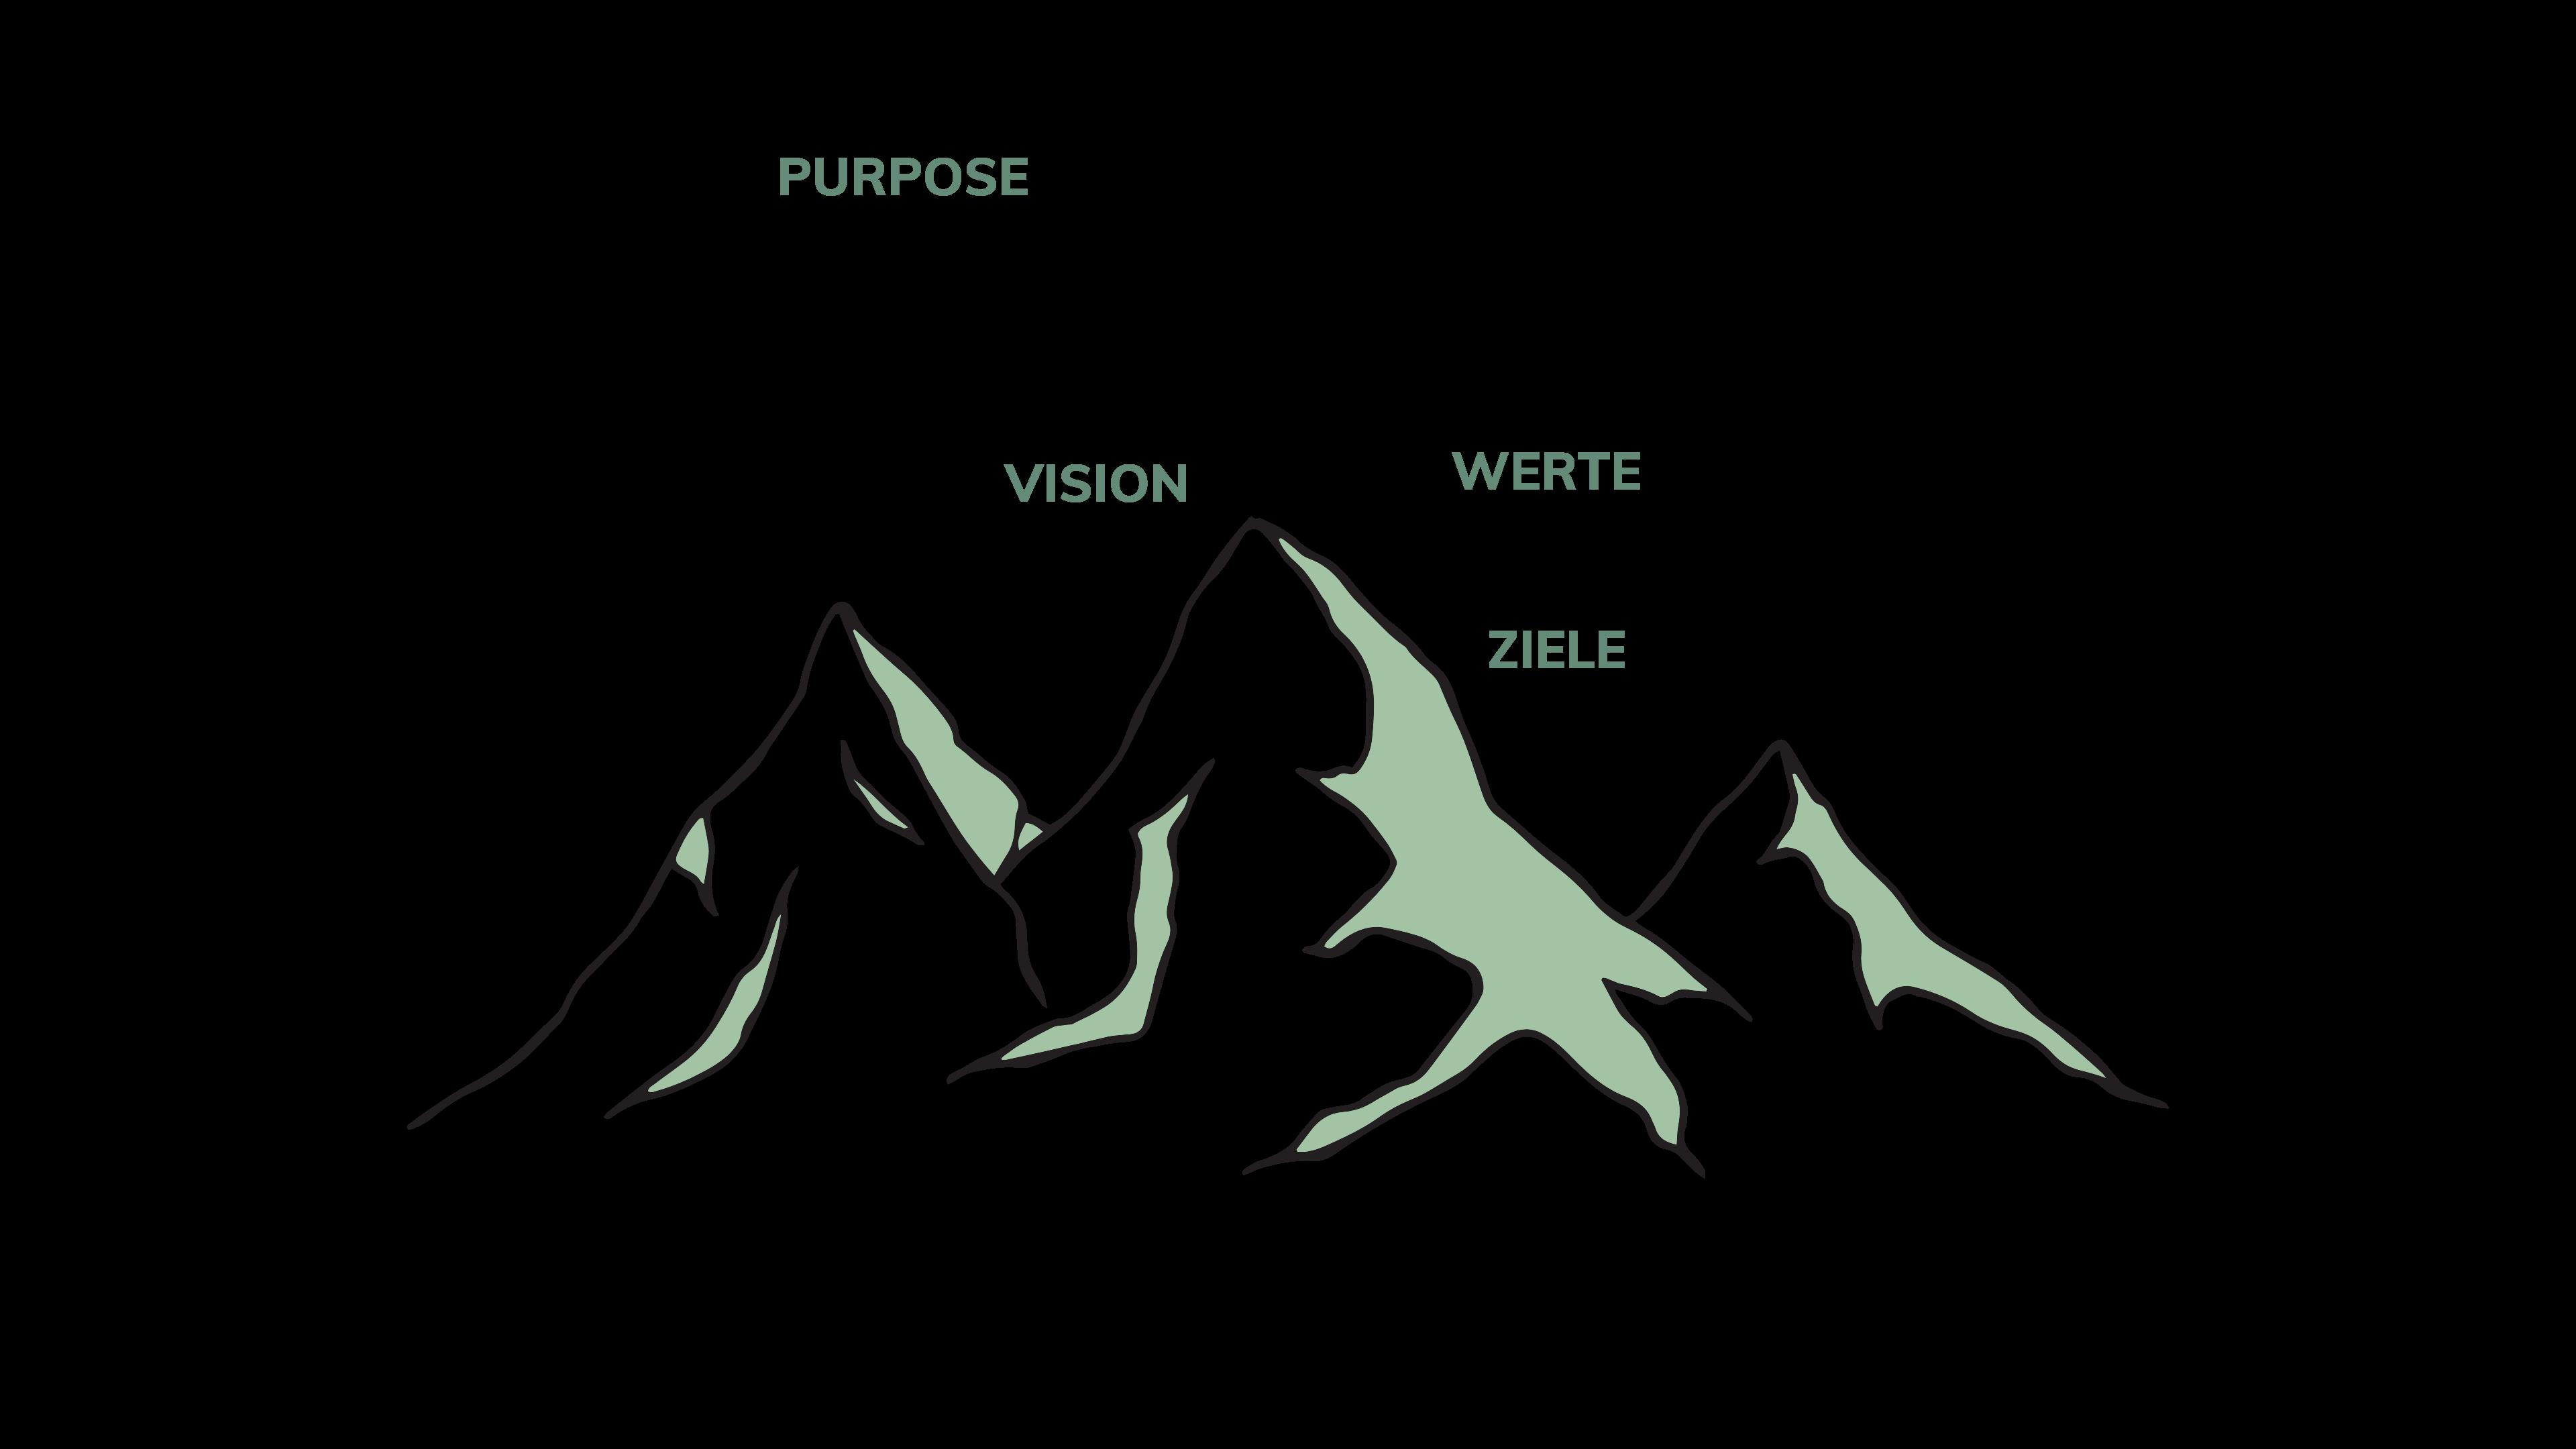 Agile Organisation Purpose Vision Werte